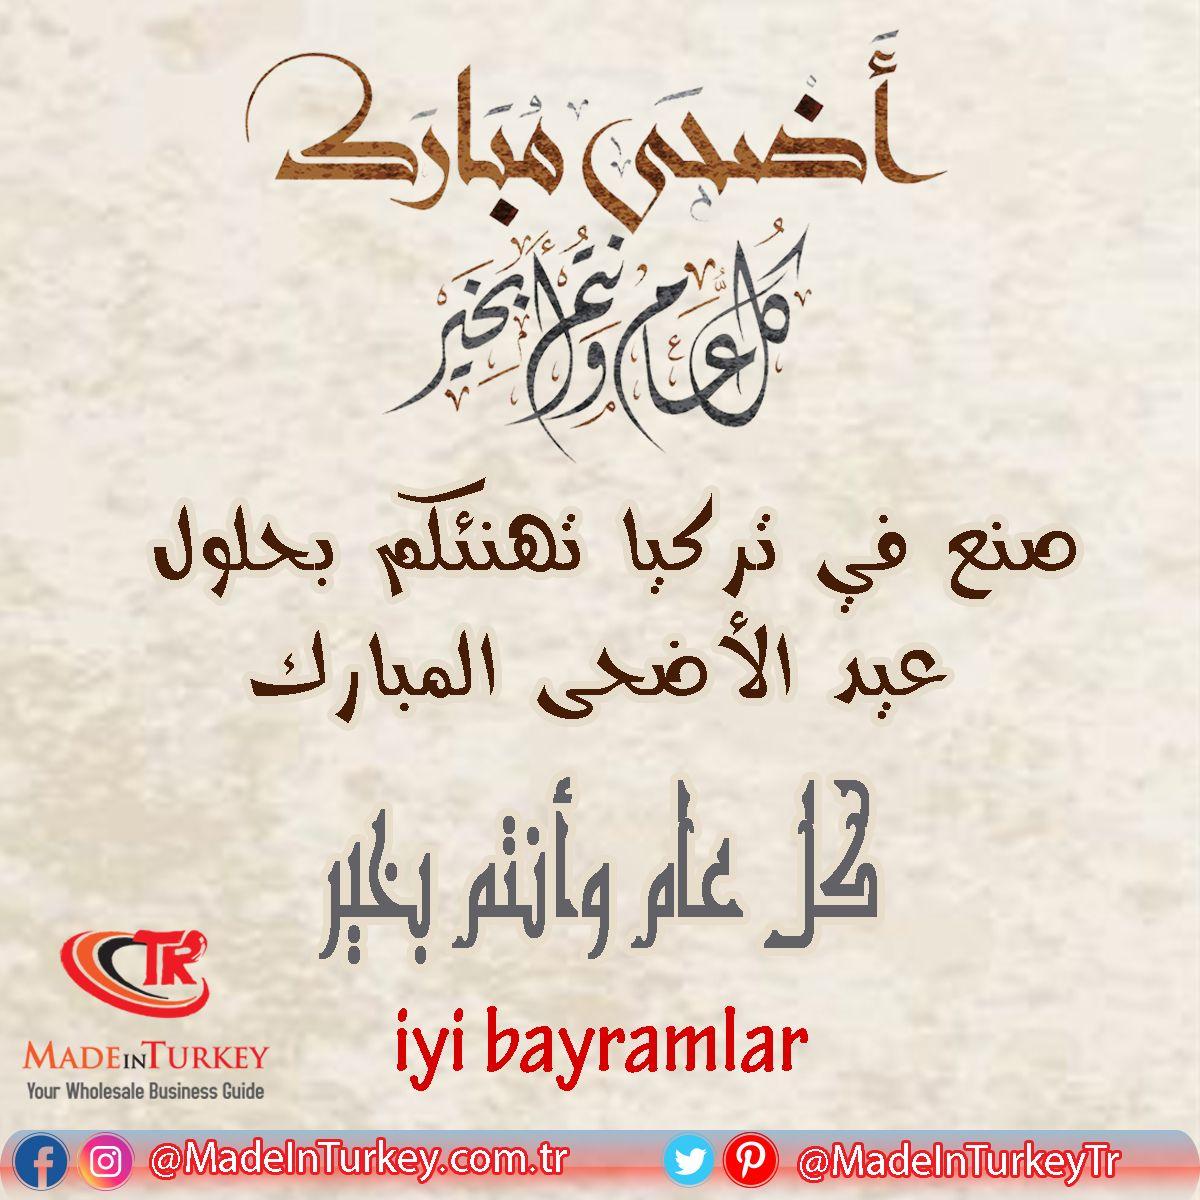 أضحى مبارك صنع في تركيا تهنئكم بحلول عيد الأضحى المبارك كل عام وأنتم بخير Iyi Bayramlar Madeinturkey Com Tr Madeinturkeytr Ramazan Mesajlar Tumblr